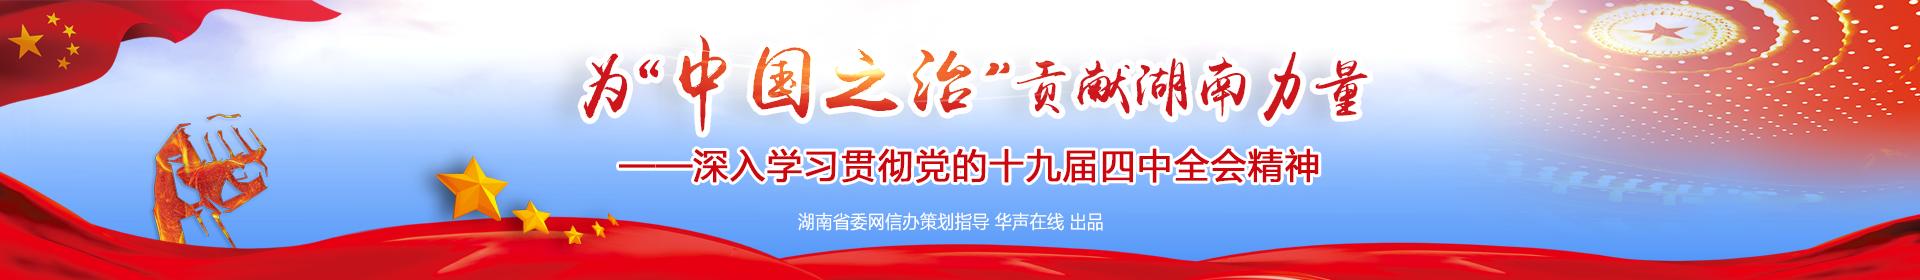 """为""""中国之治""""贡献湖南力量——深入学习贯彻党的十九届四中全会精神"""